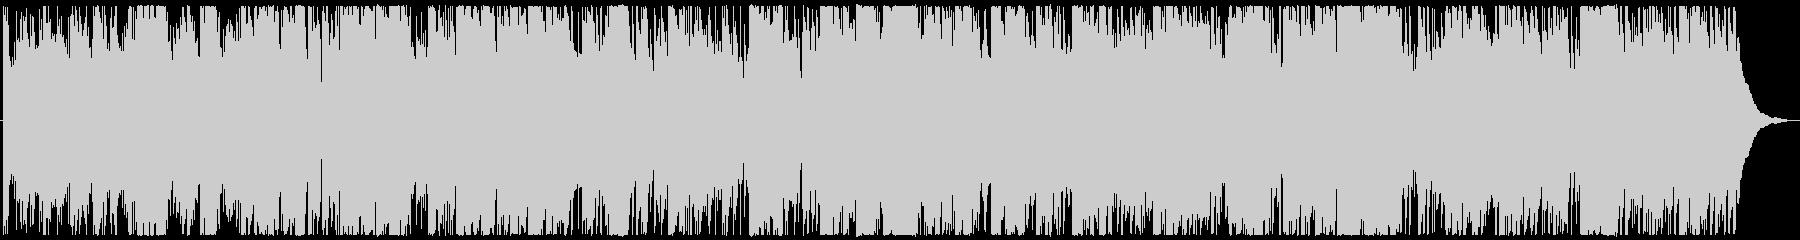 アンビエント 透明感 淡々 ピアノ...の未再生の波形